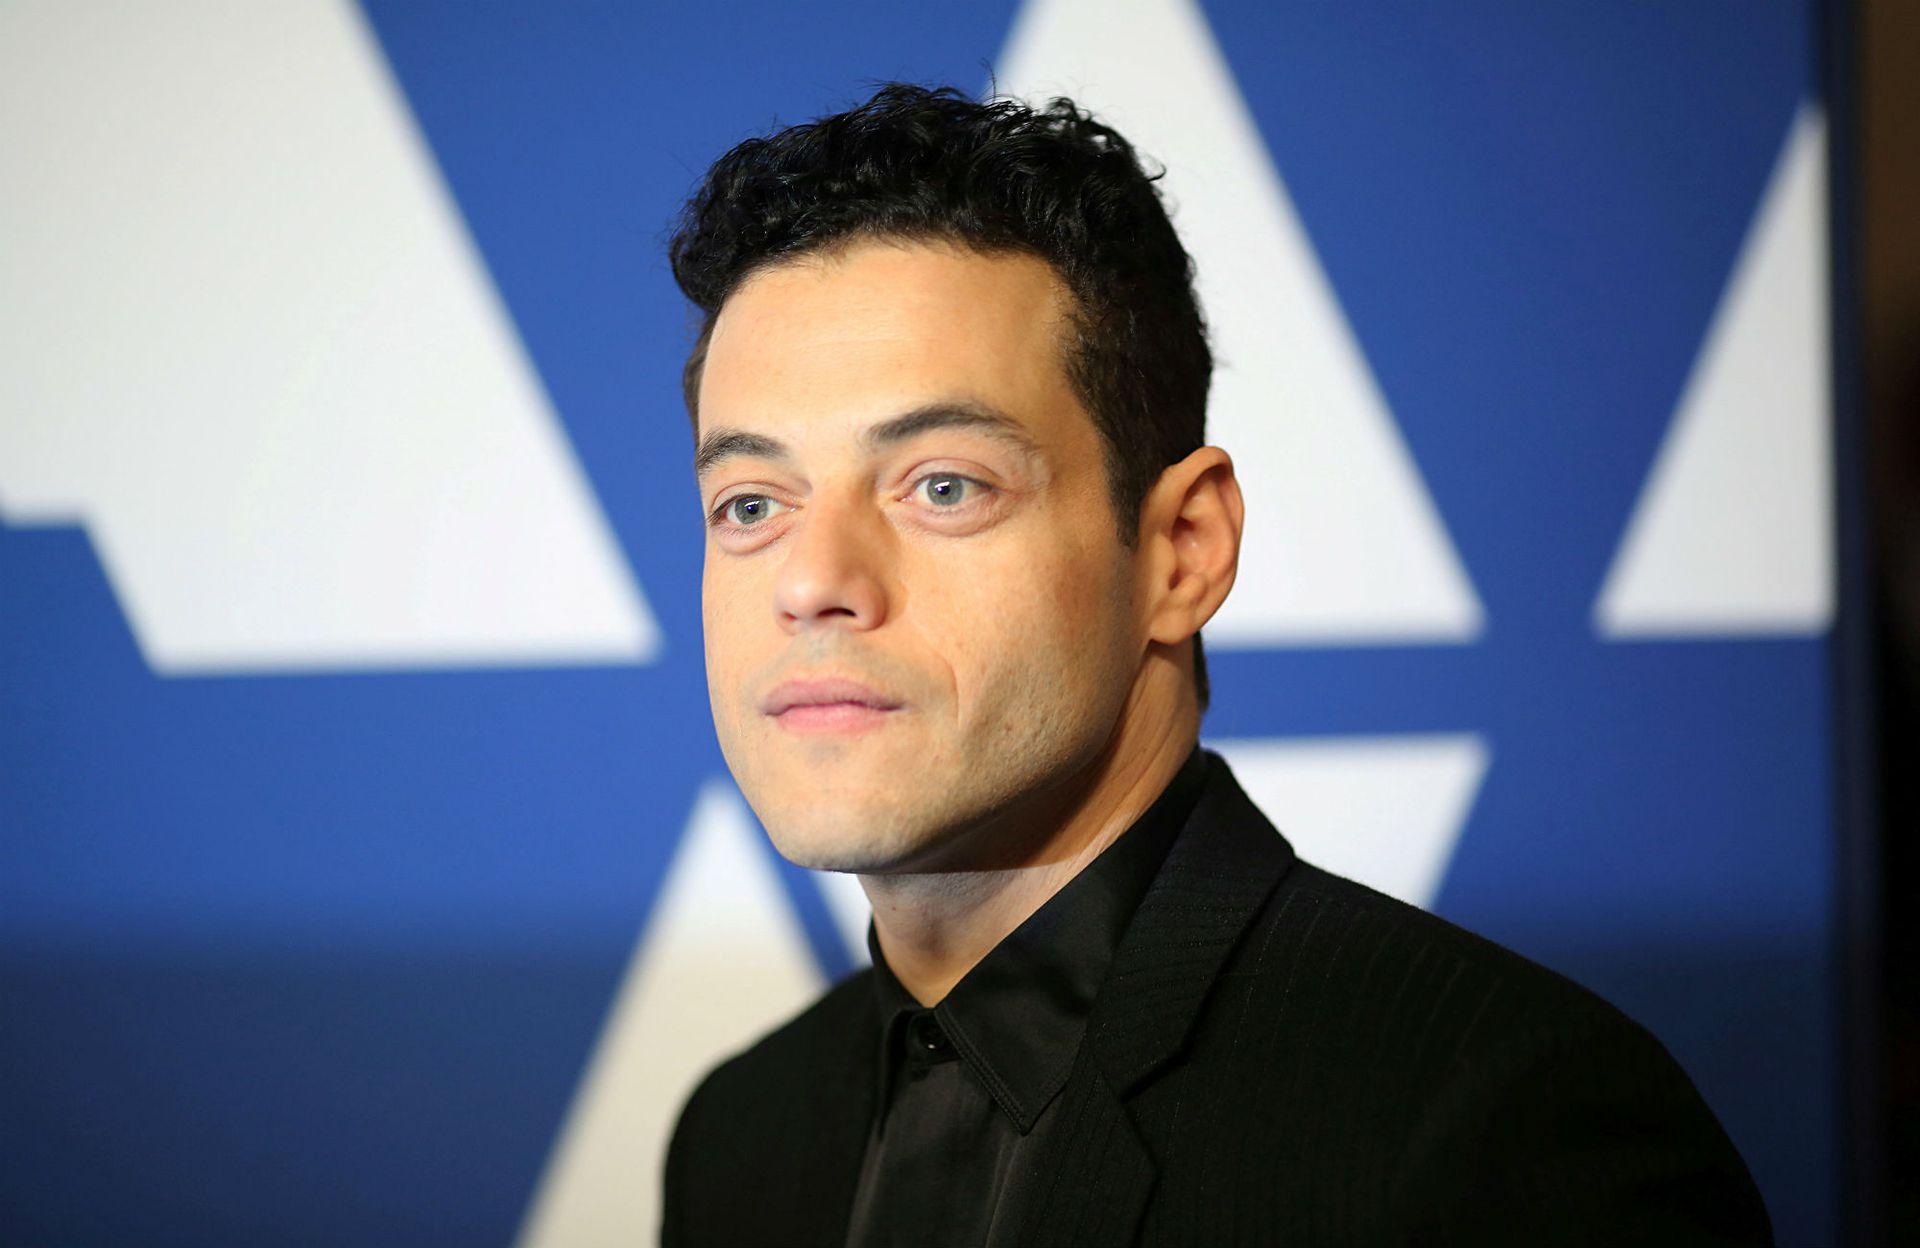 Rami Malek, nominado al Oscar como mejor actor por su interpretación de Freddie Mercury en Bohemian Rhapsody